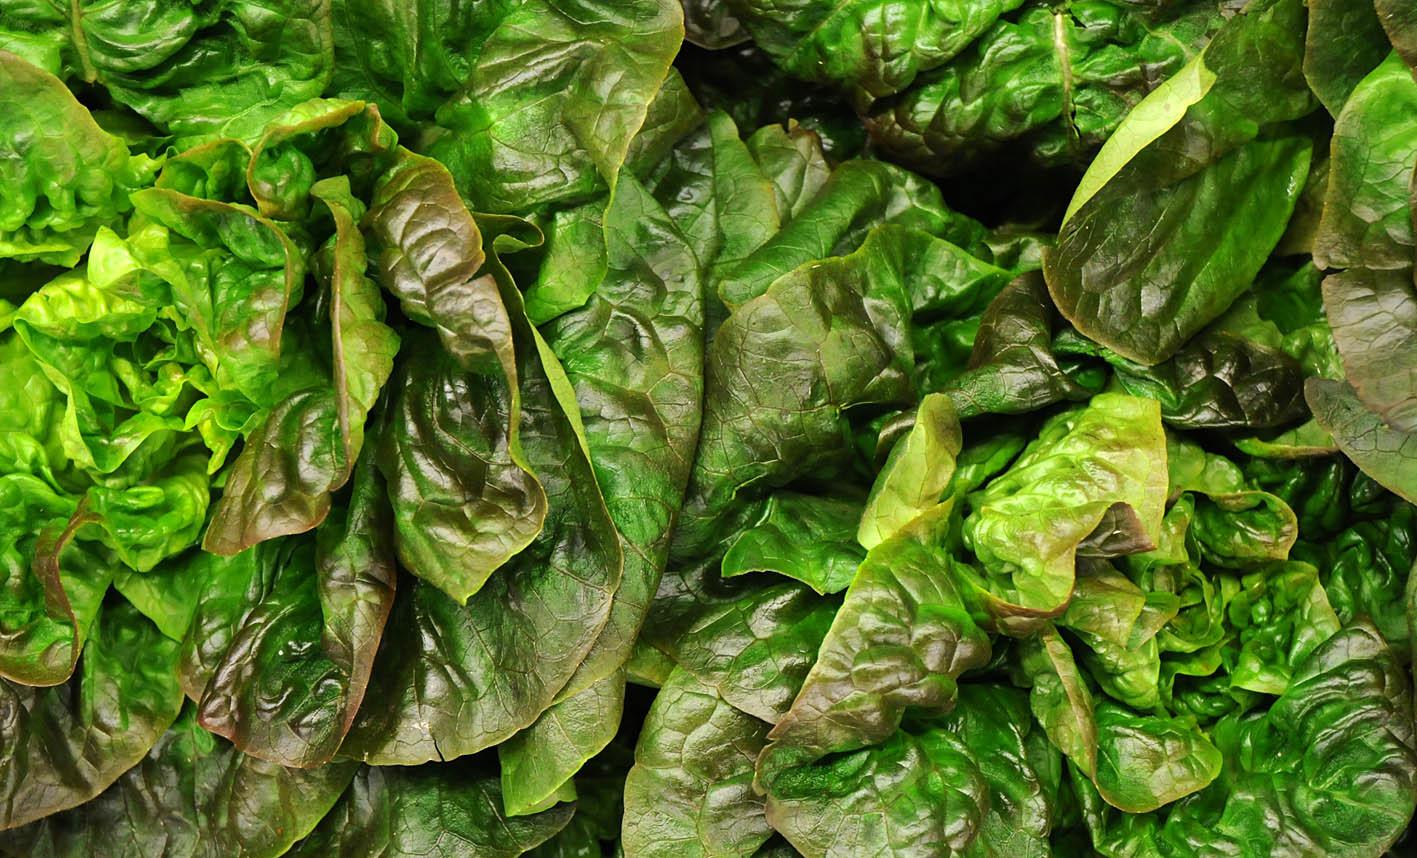 red-batavian-lettuce.jpg?mtime=20170922144728#asset:11560